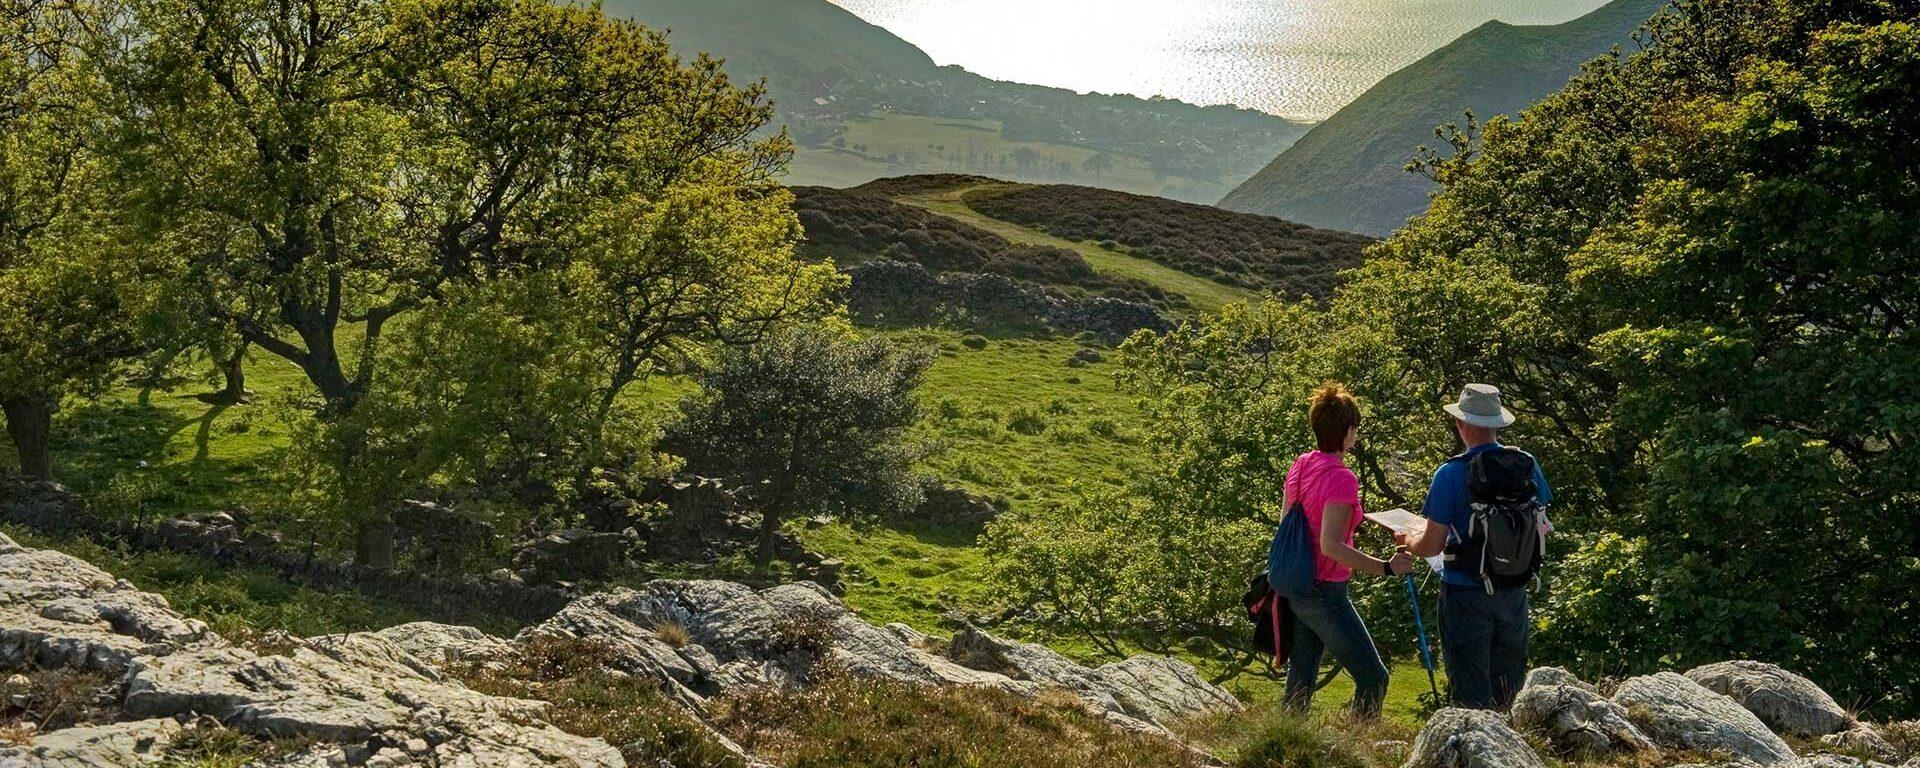 Become a Conwy Tourism Ambassador